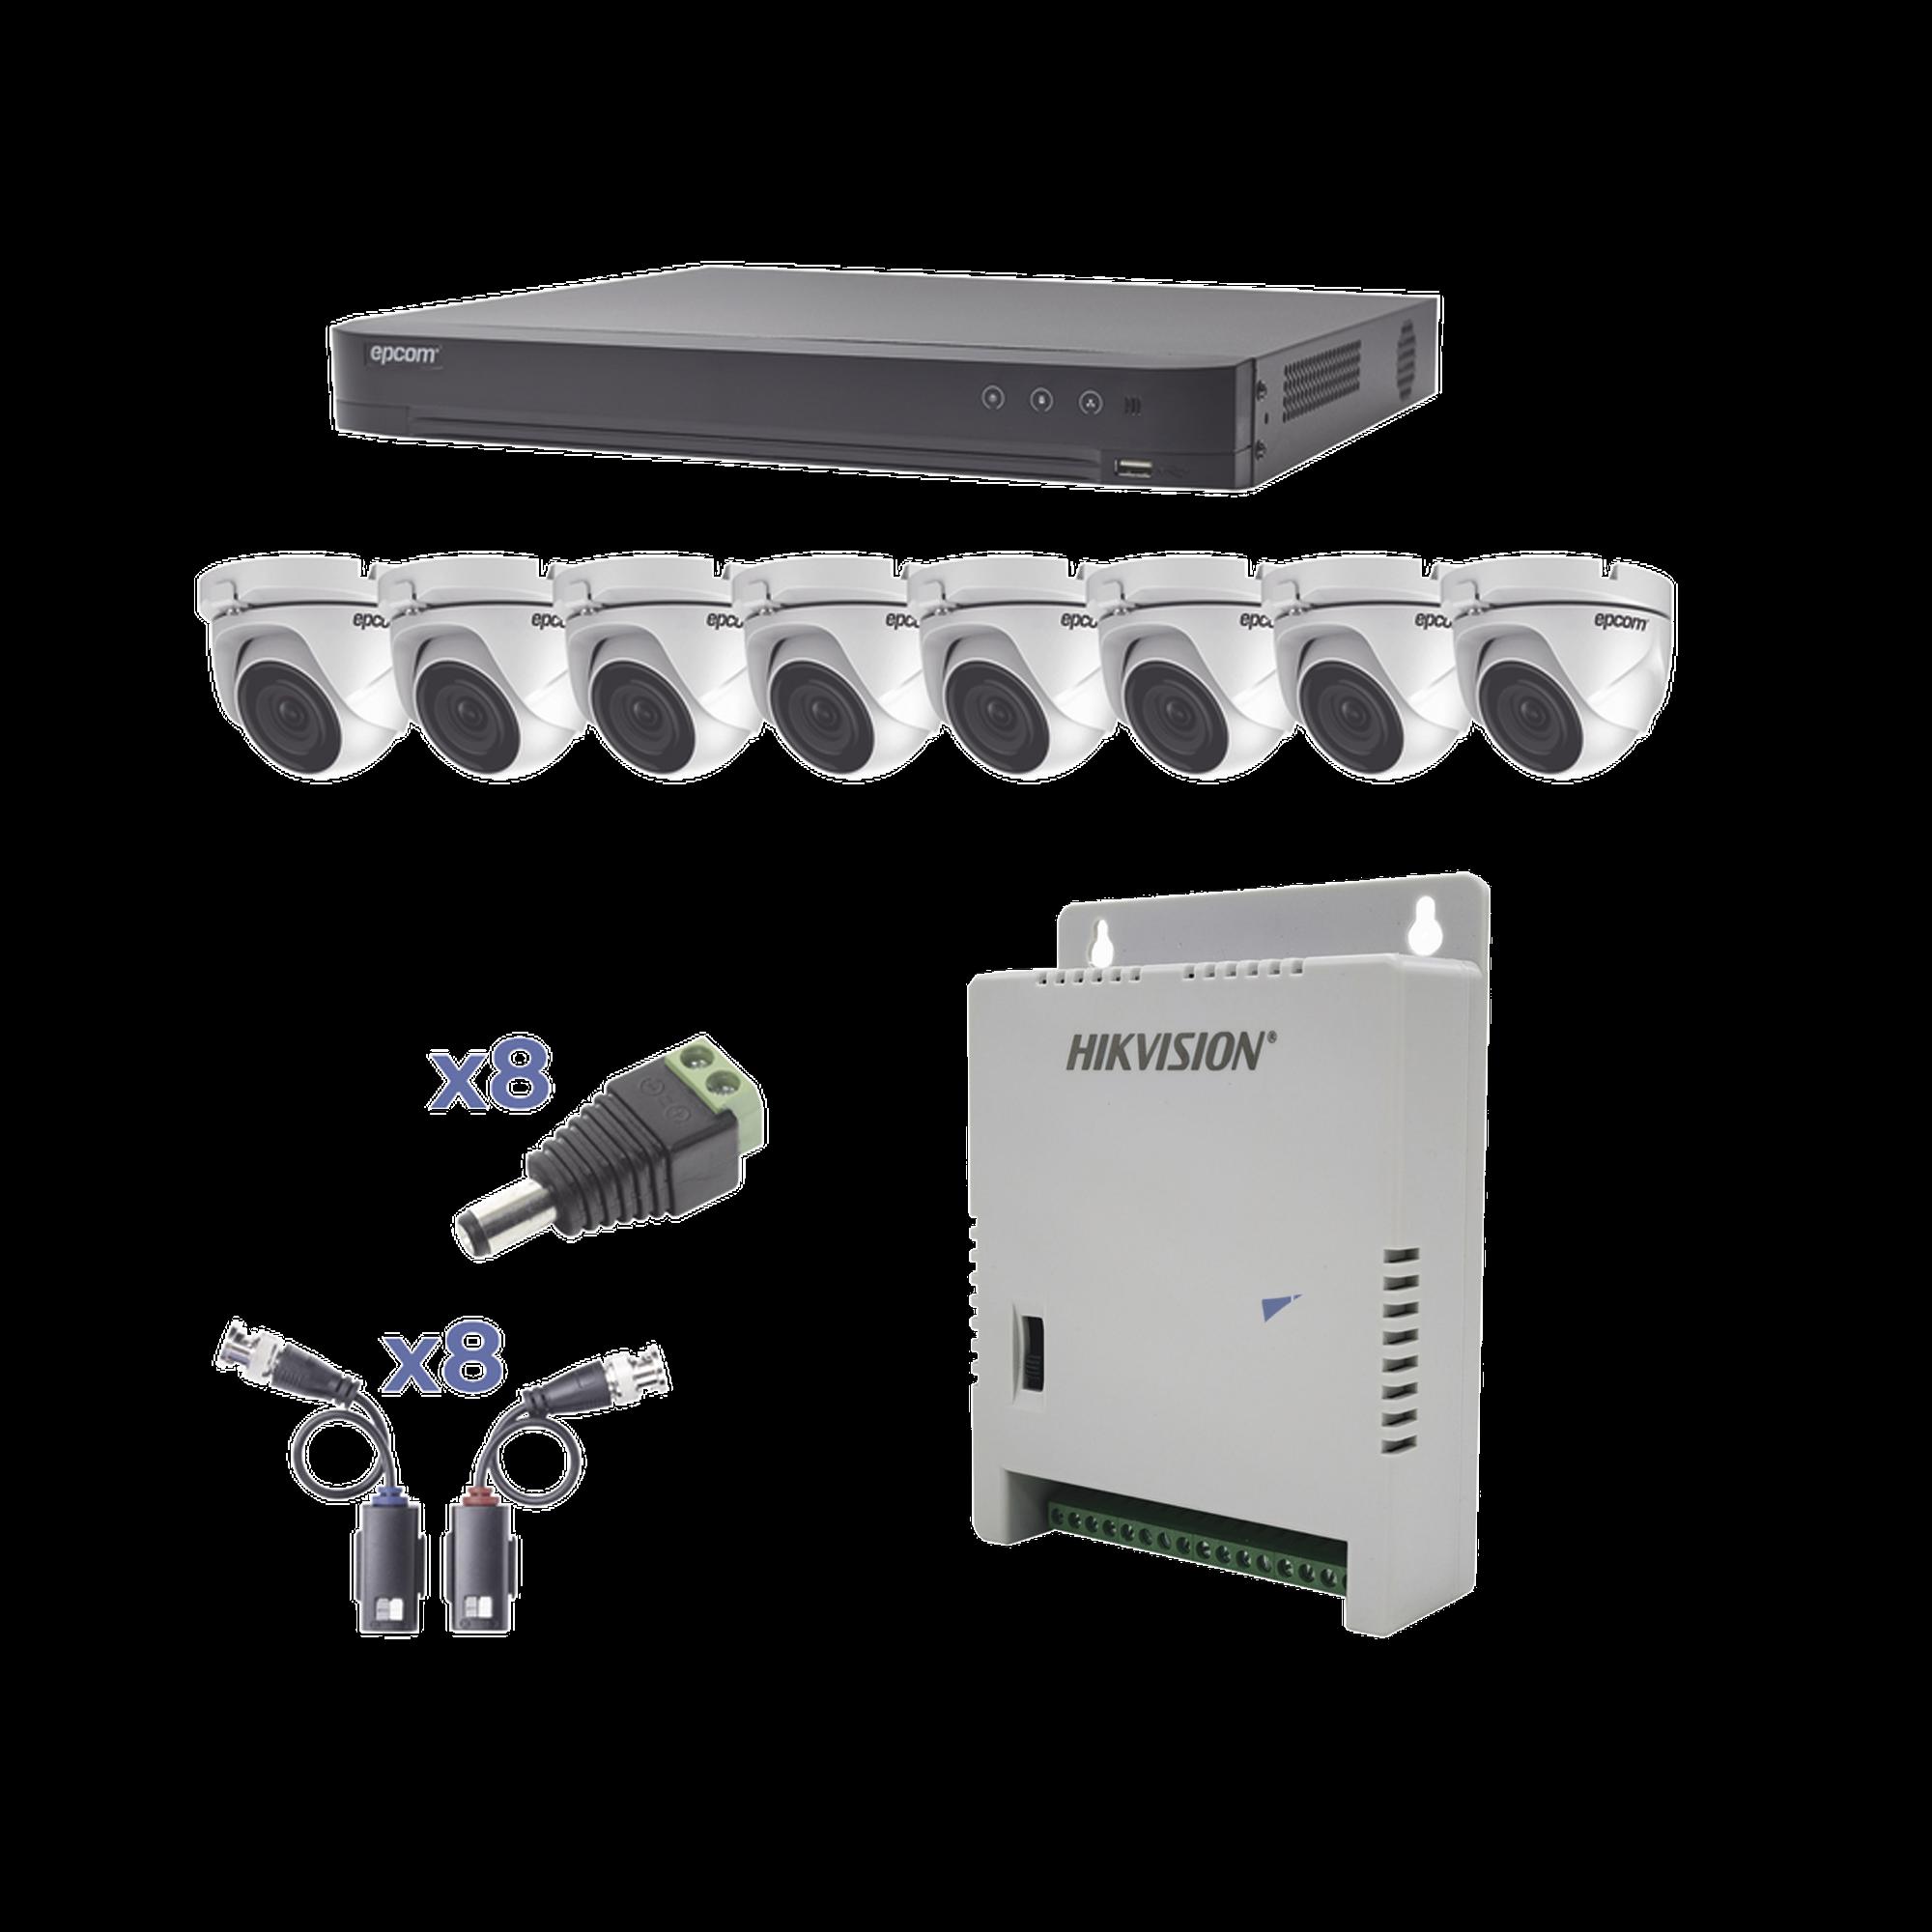 KIT TurboHD 1080p / DVR 8 Canales / 8 Cámaras Eyeball (exterior 2.8 mm) / Transceptores / Conectores / Fuente de Poder Profesional hasta 15 Vcd para Larga Distancia